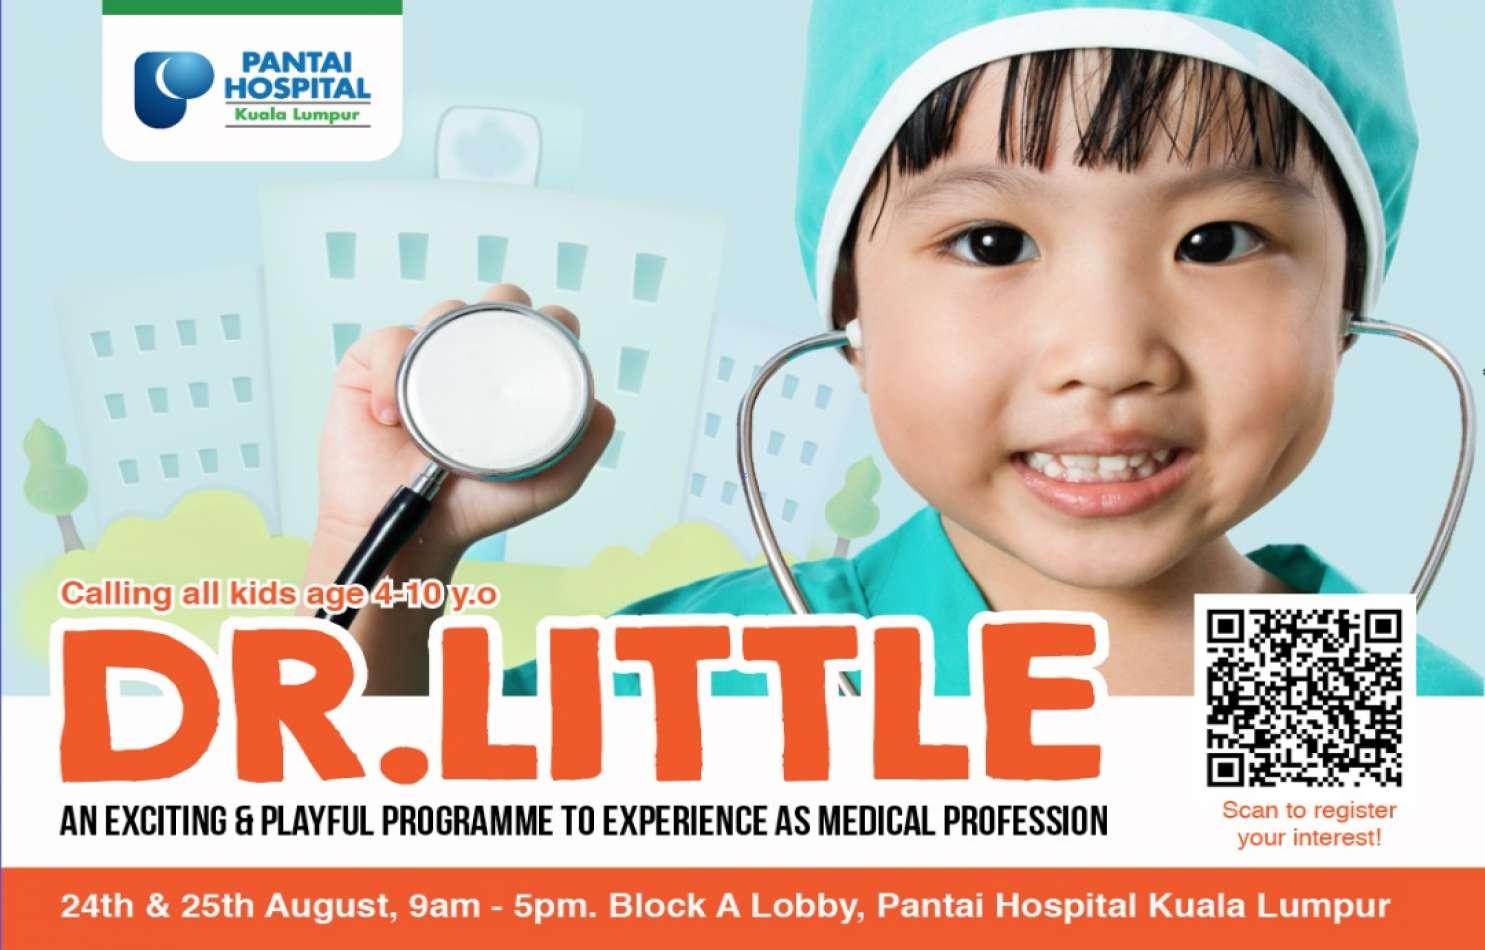 Pantai-Hospital-Kuala-Lumpur15343872965b74e460aabfd5.01726362.jpg